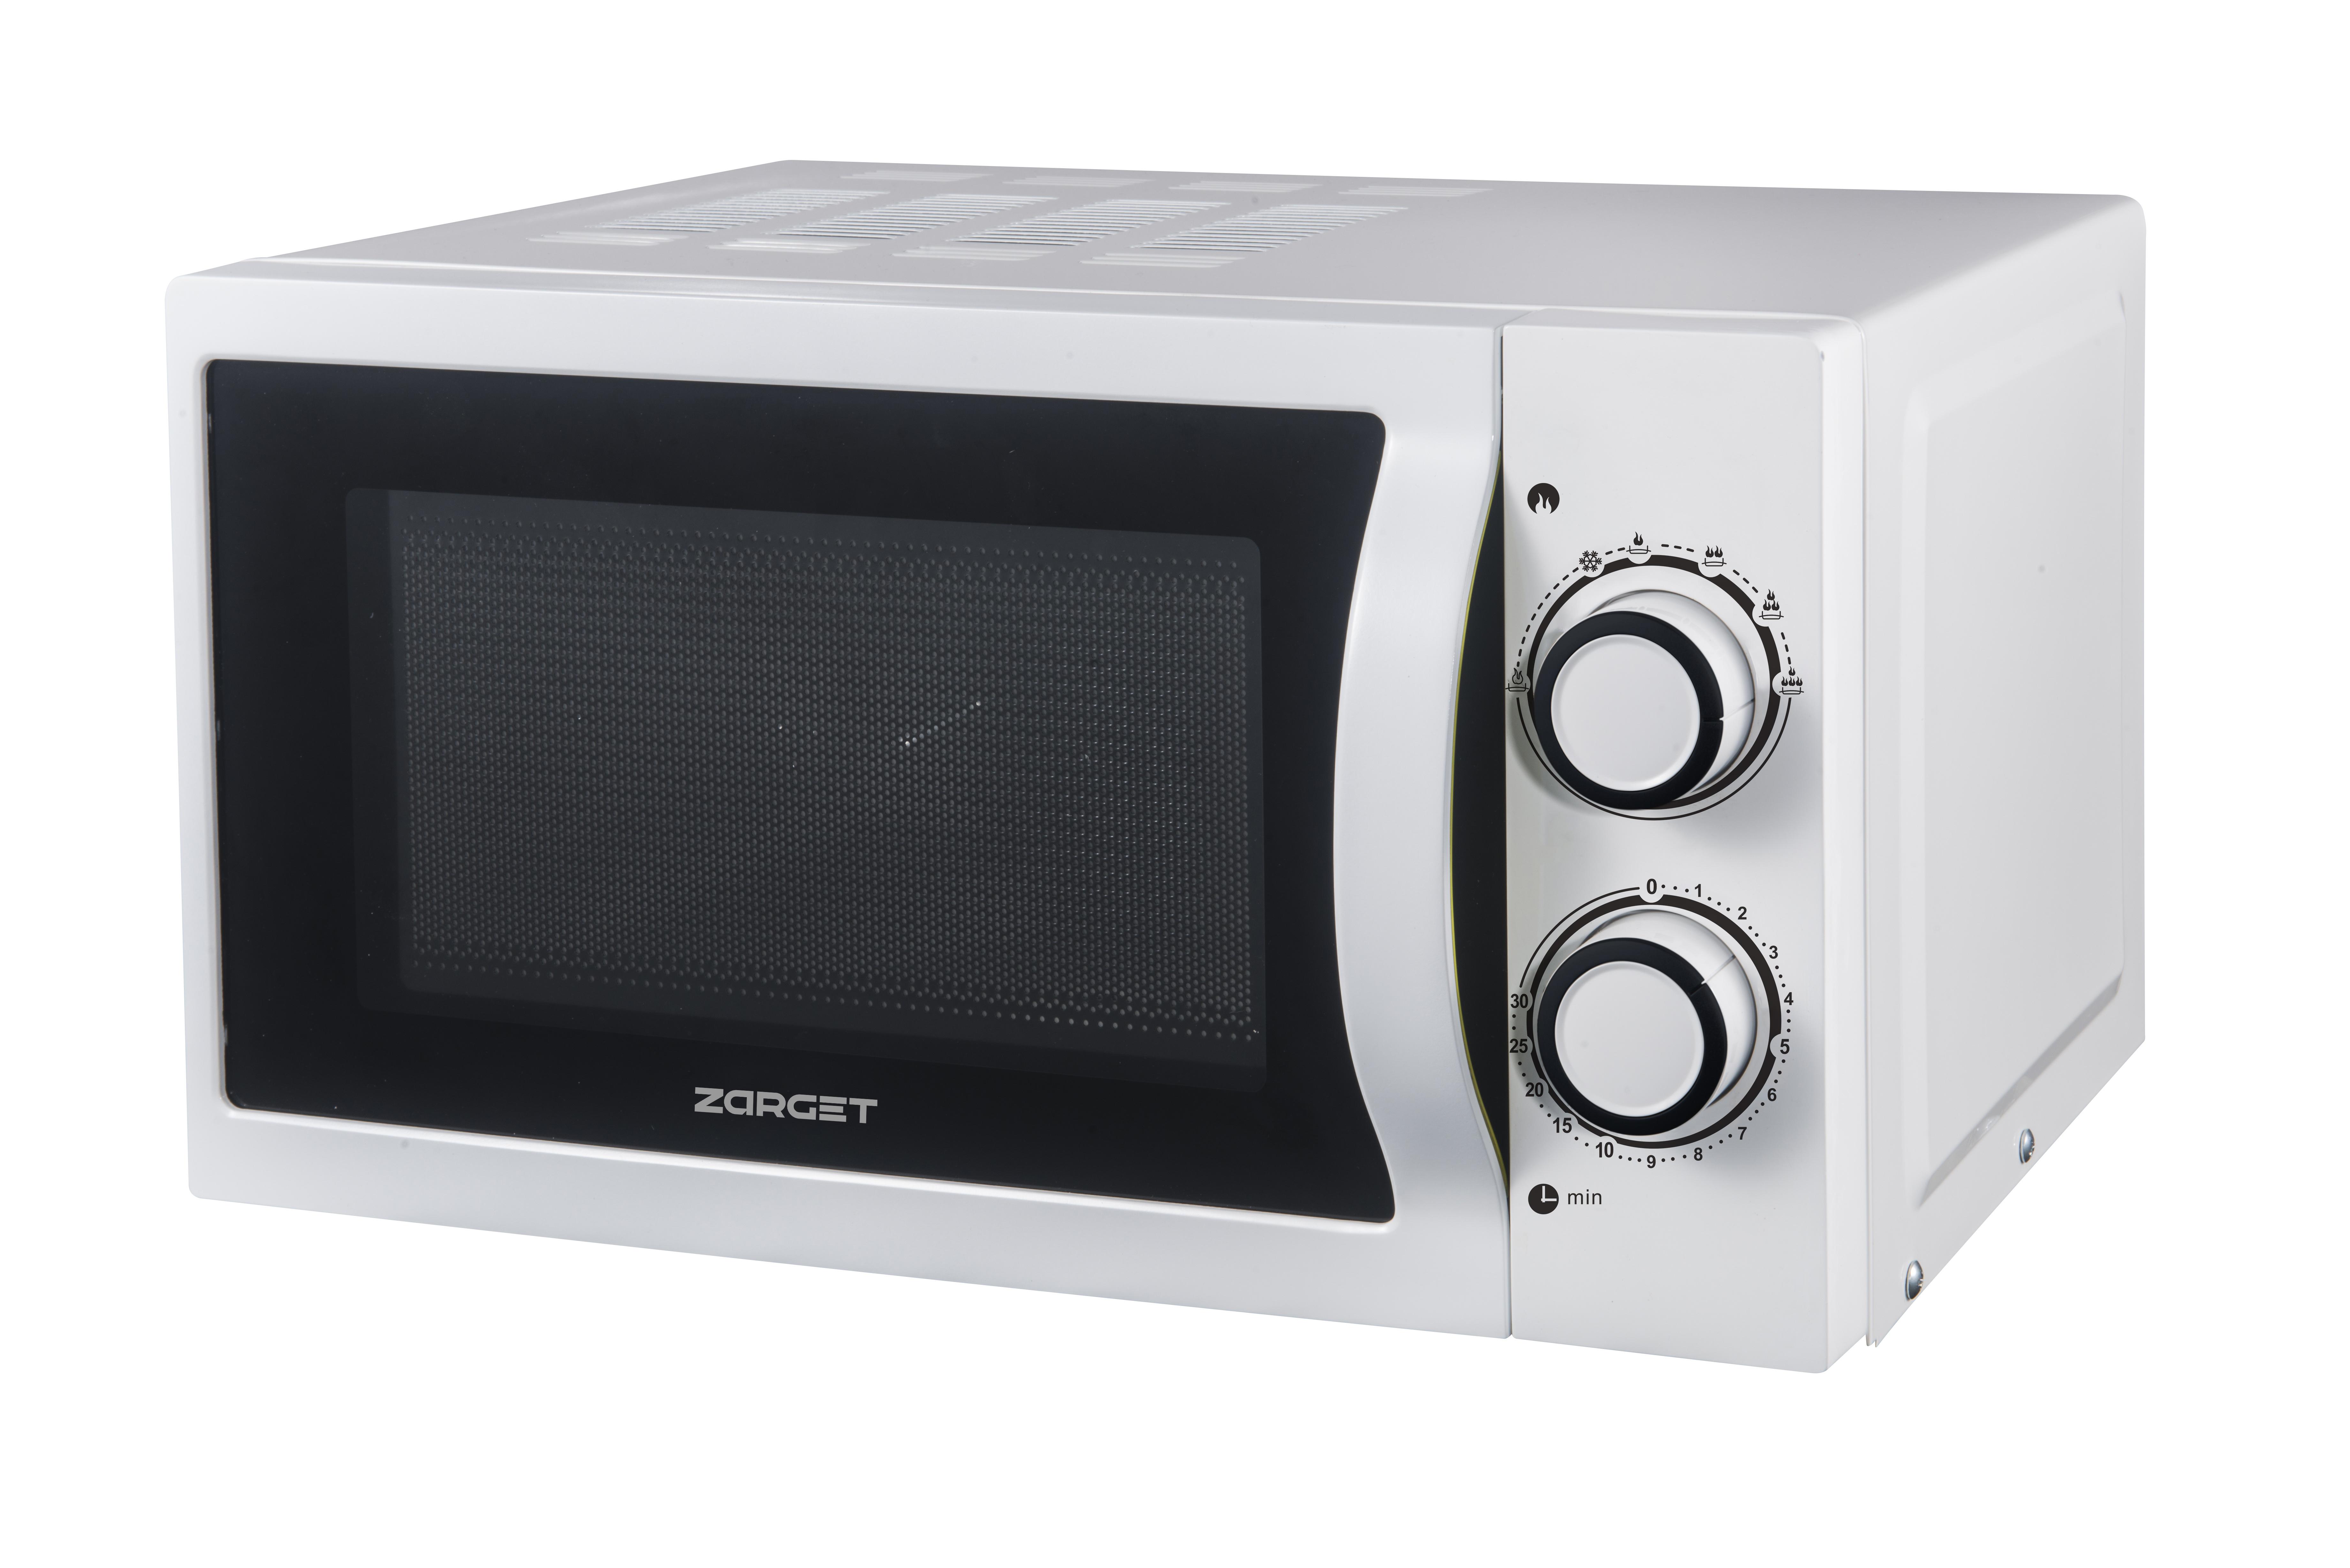 микроволновая печь без поворотного механизма